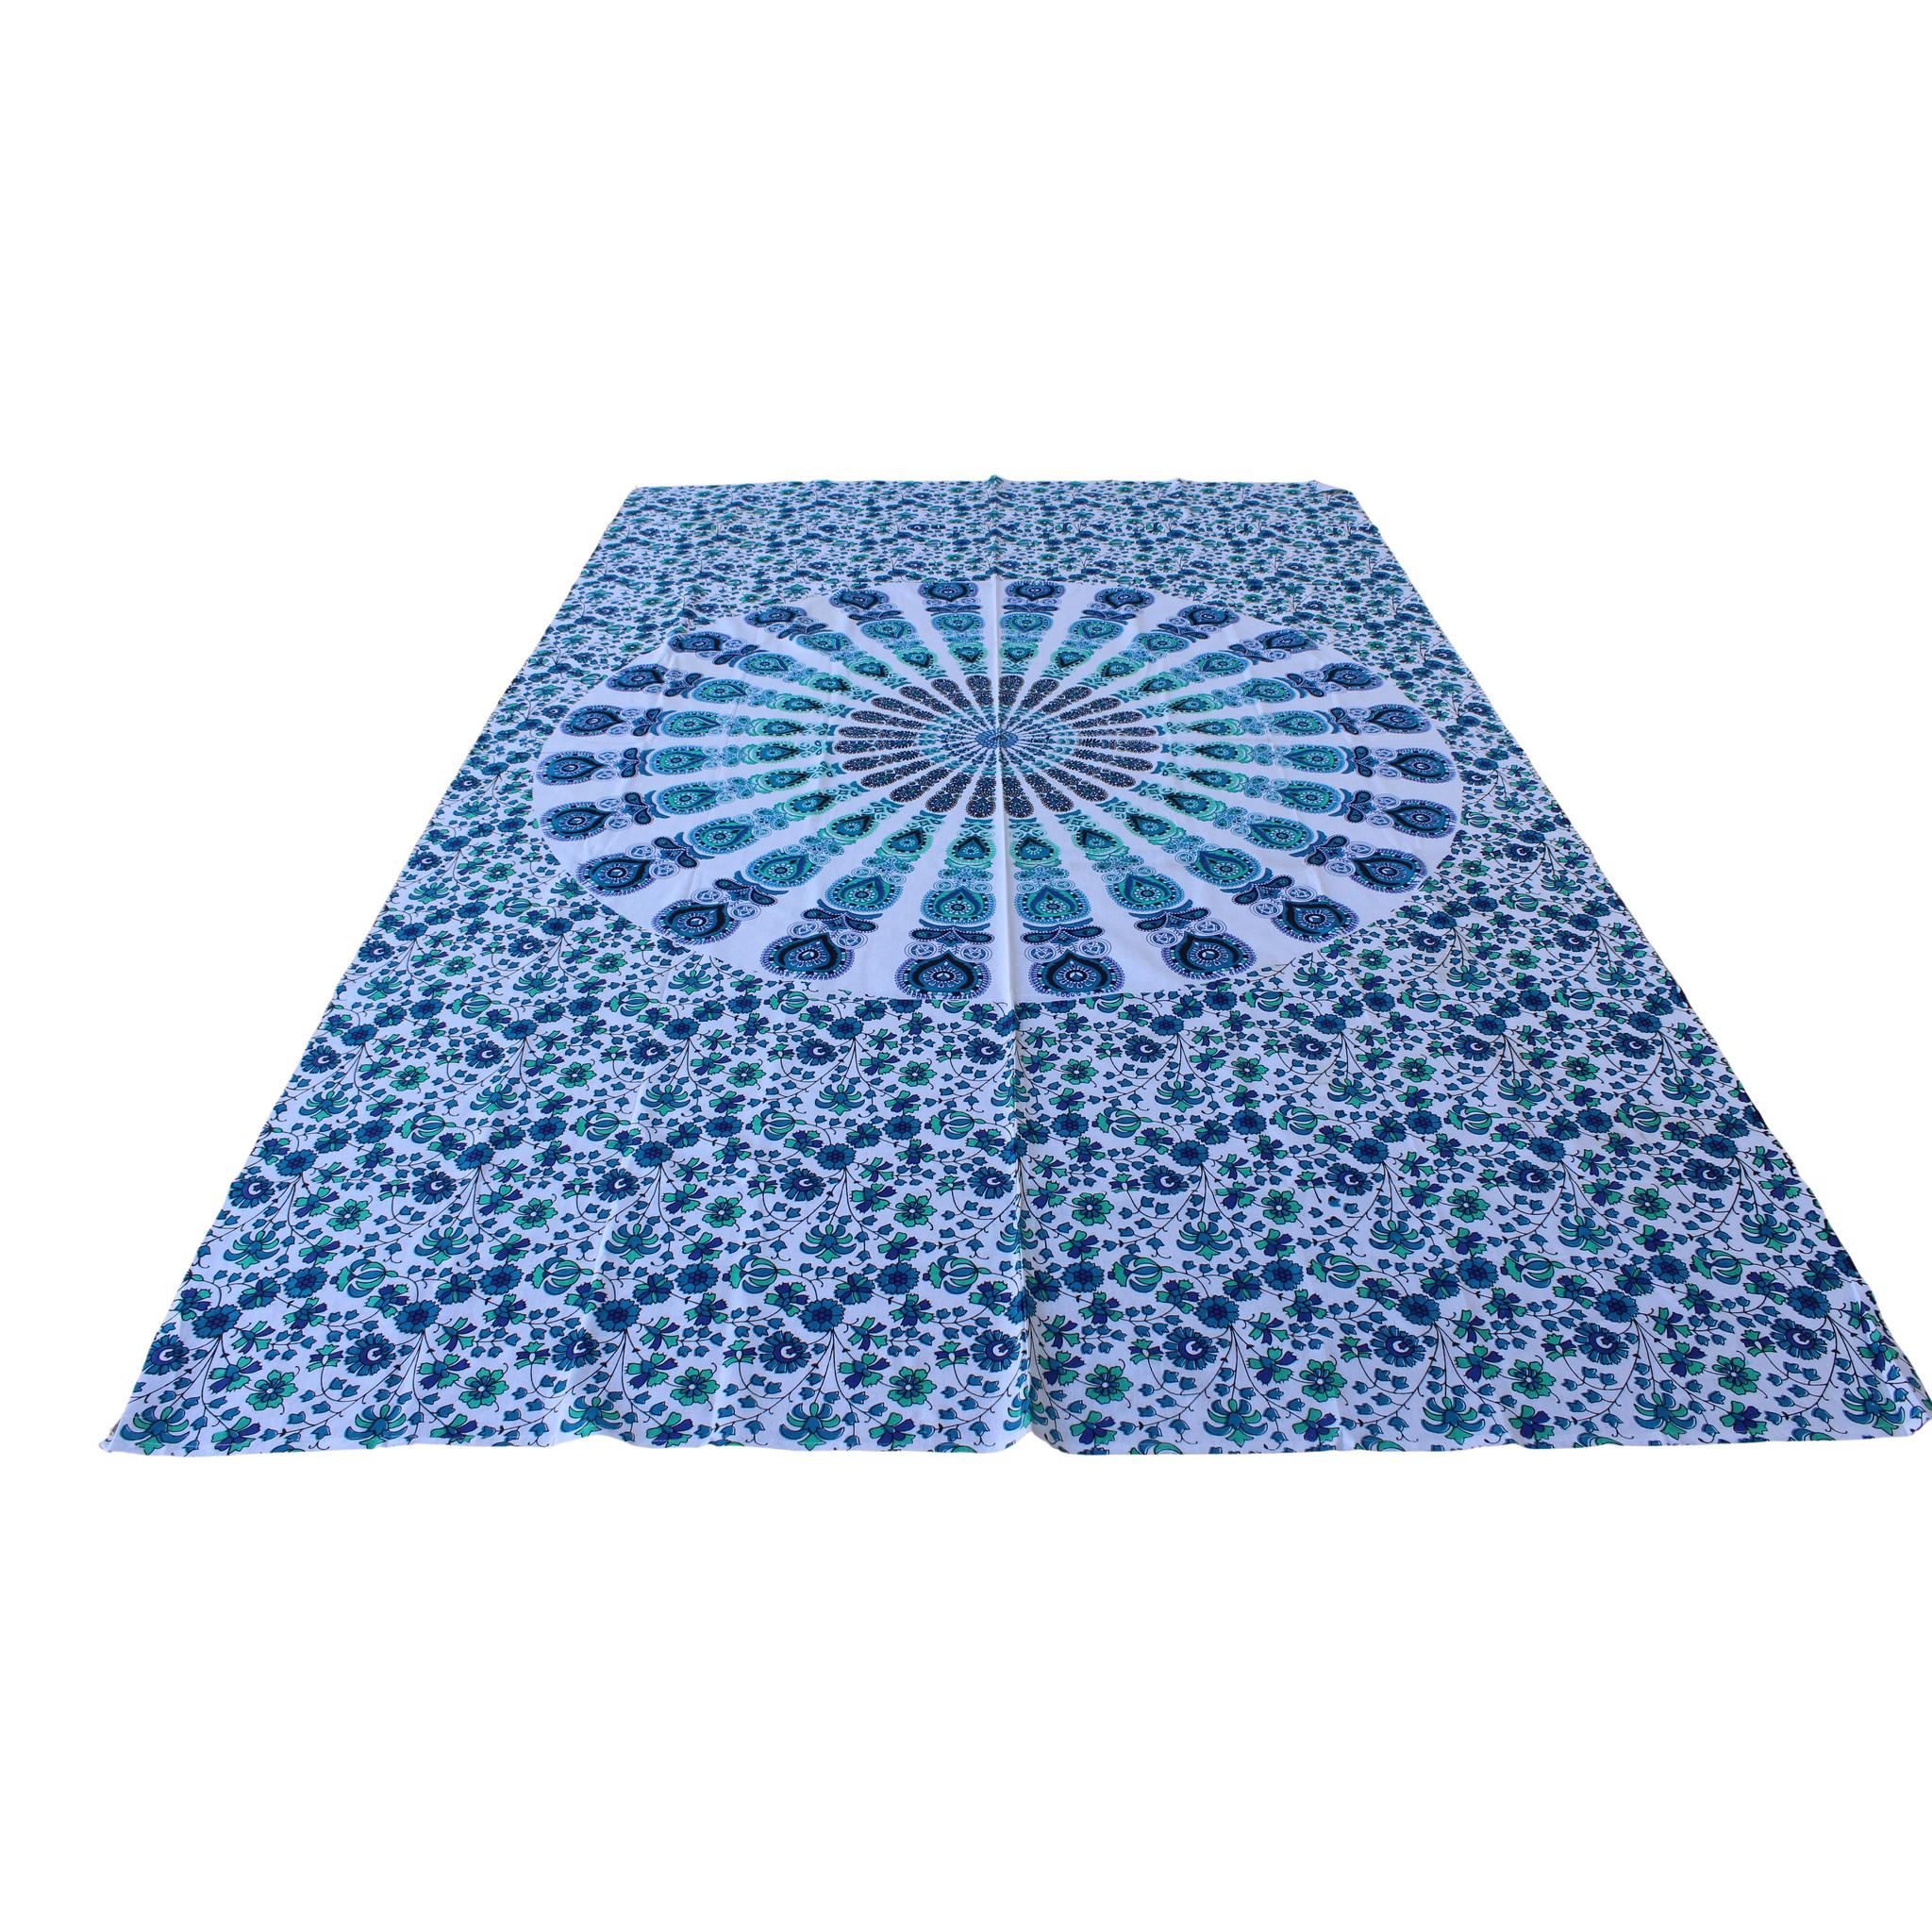 Myroundie Myroundie – roundie  - rechthoekig strandlaken – strandkleed - yoga kleed - picknickkleed - speelkleed - muurkleed - 100% katoen  - 140 x 210 cm - 812